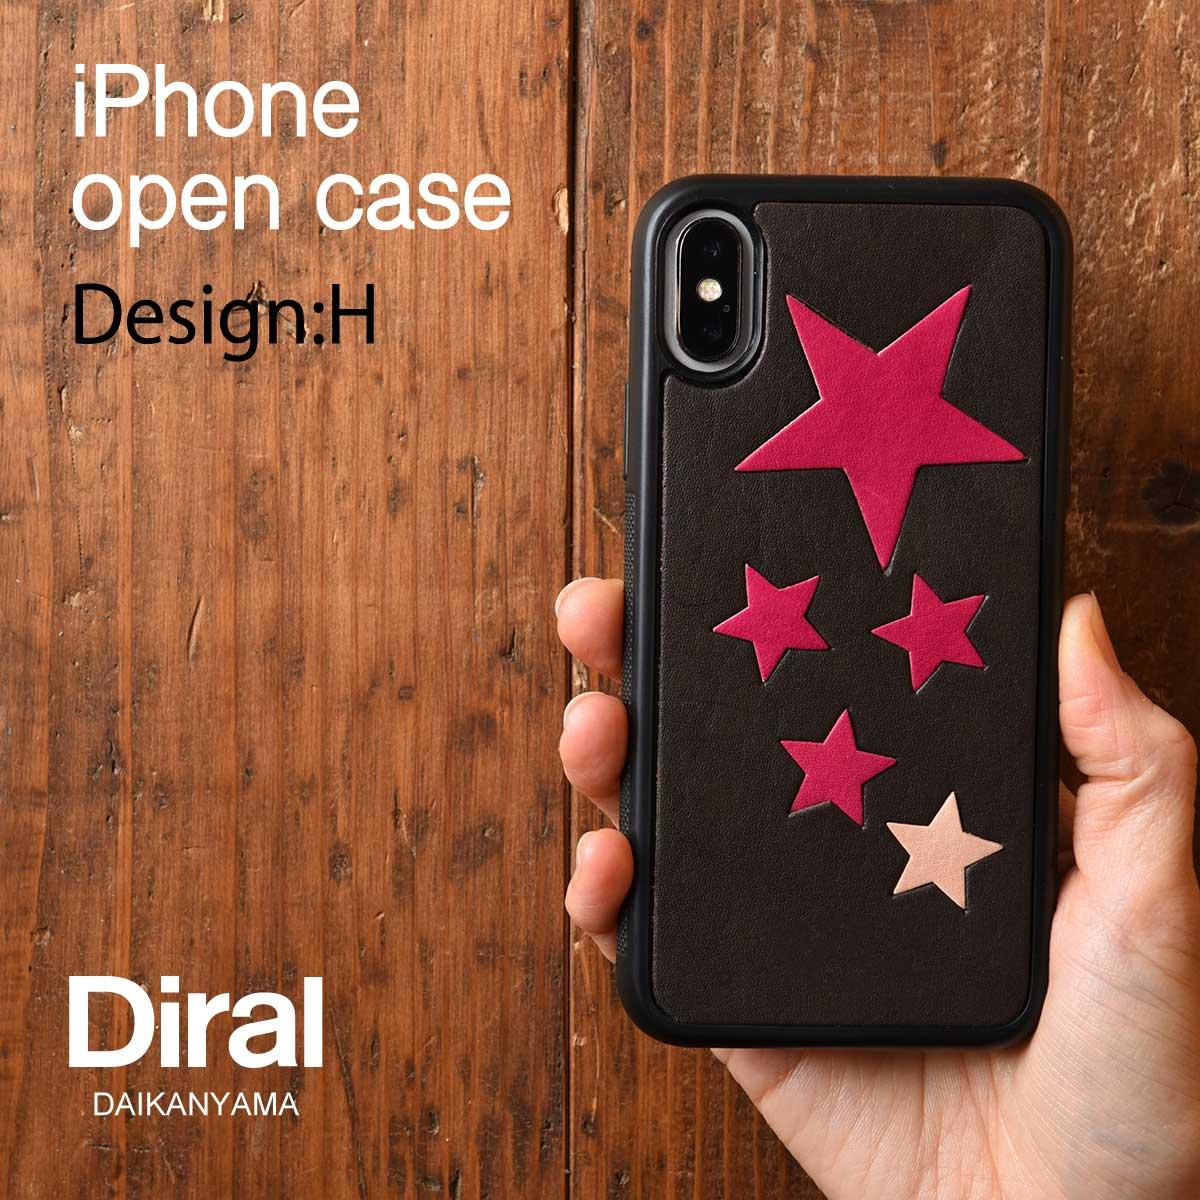 好みのデザインパターンから自由にカスタマイズ 誰ともかぶらない 一つだけのiPhoneケースが作れます ◆高品質 Design H マーク埋込み いつでも送料無料 iPhoneケース スターズ オーダー 名入れカスタム iPhoneオープンタイプケース